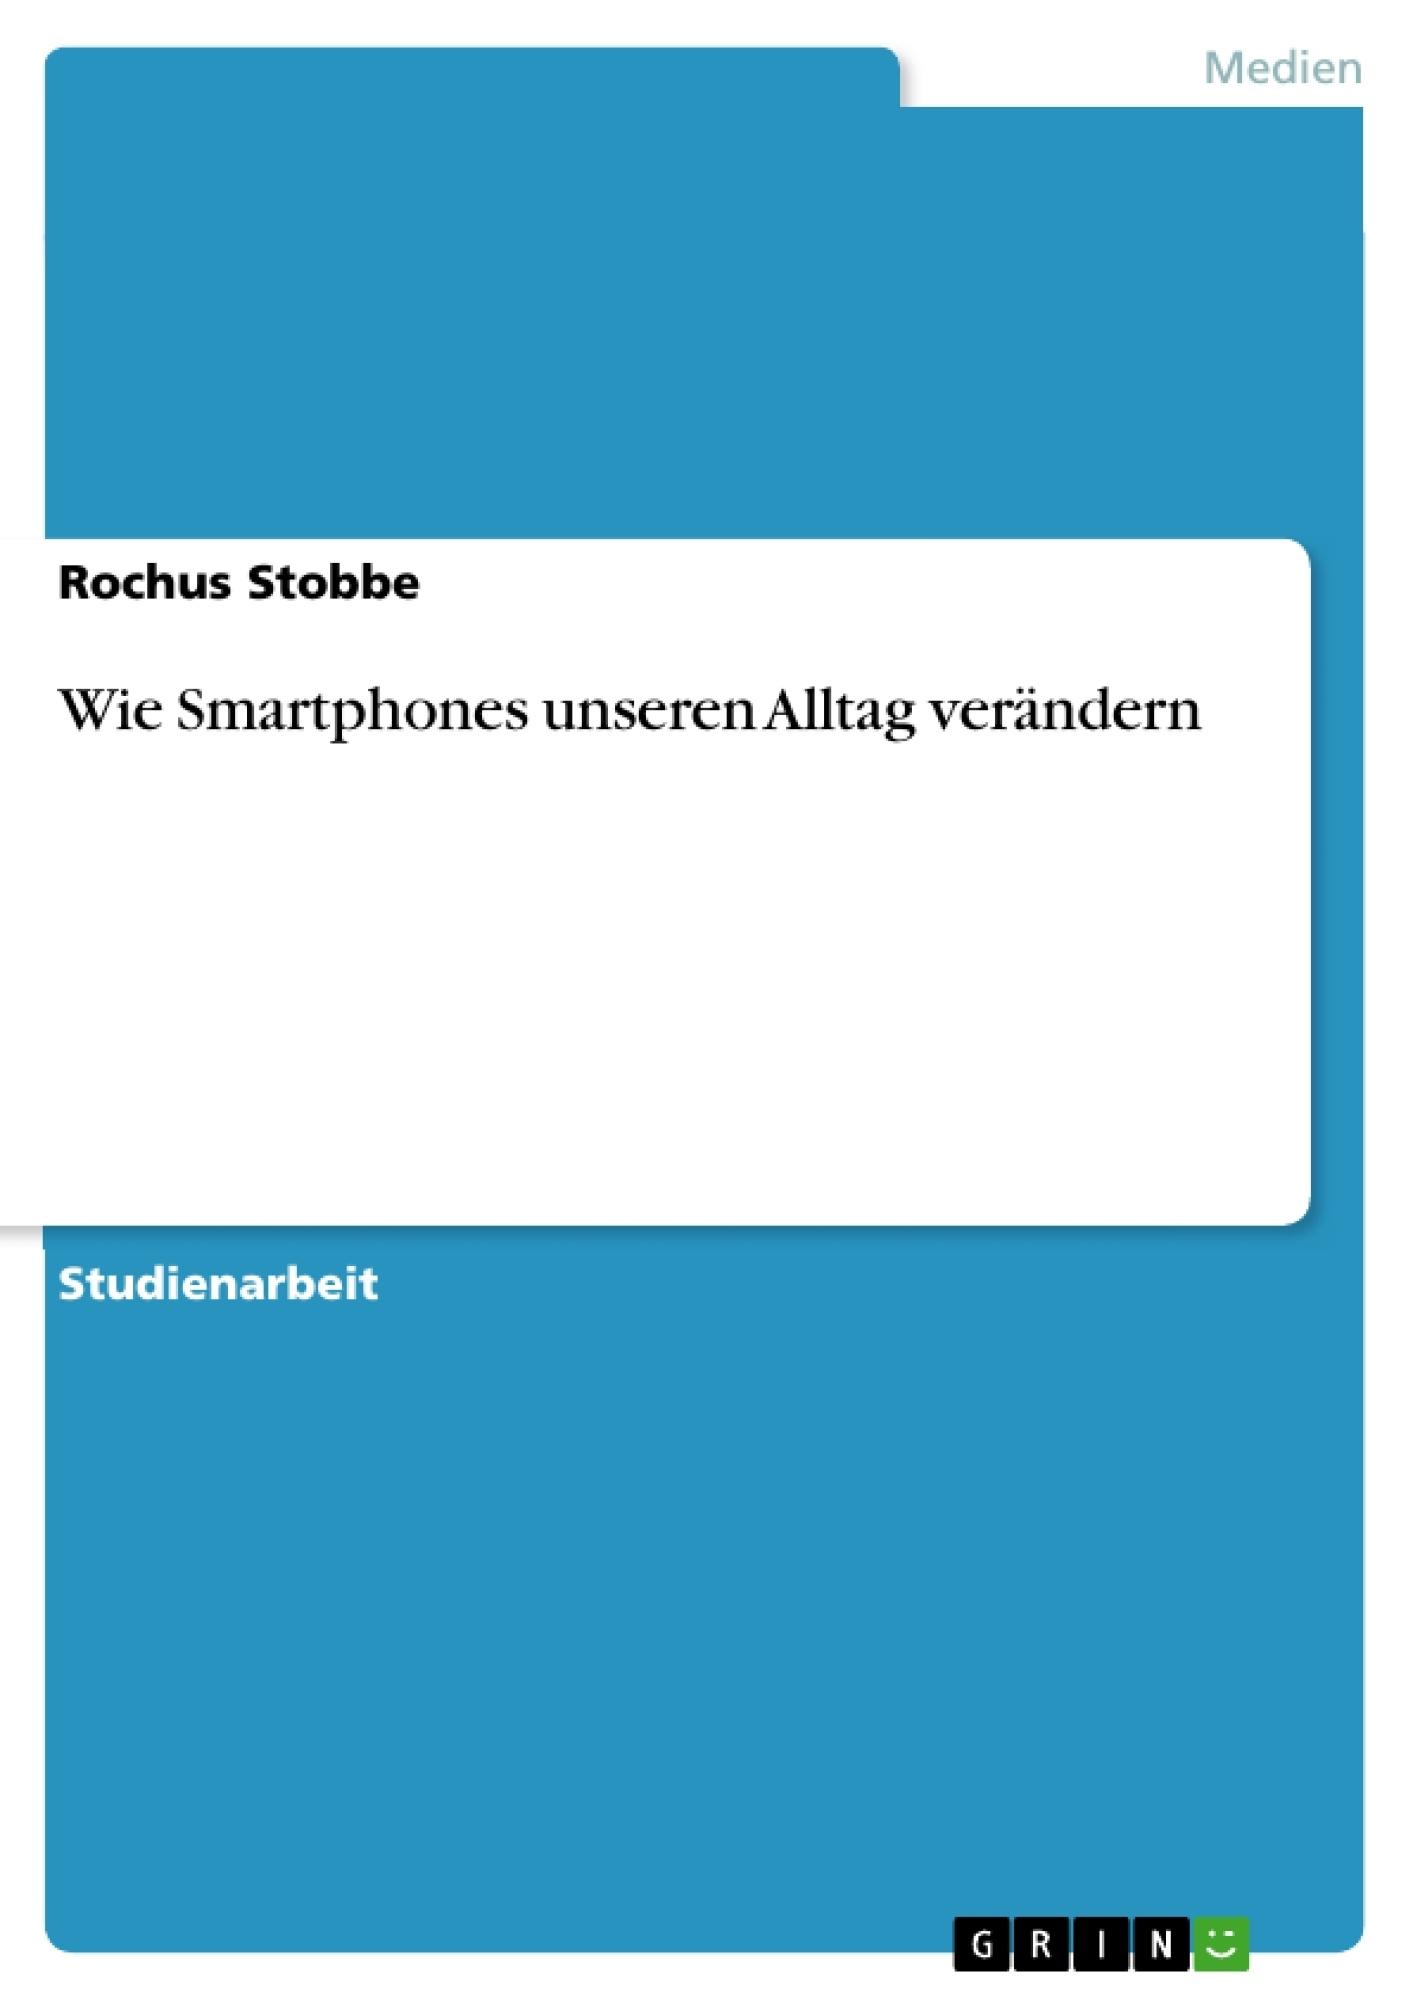 Titel: Wie Smartphones unseren Alltag verändern